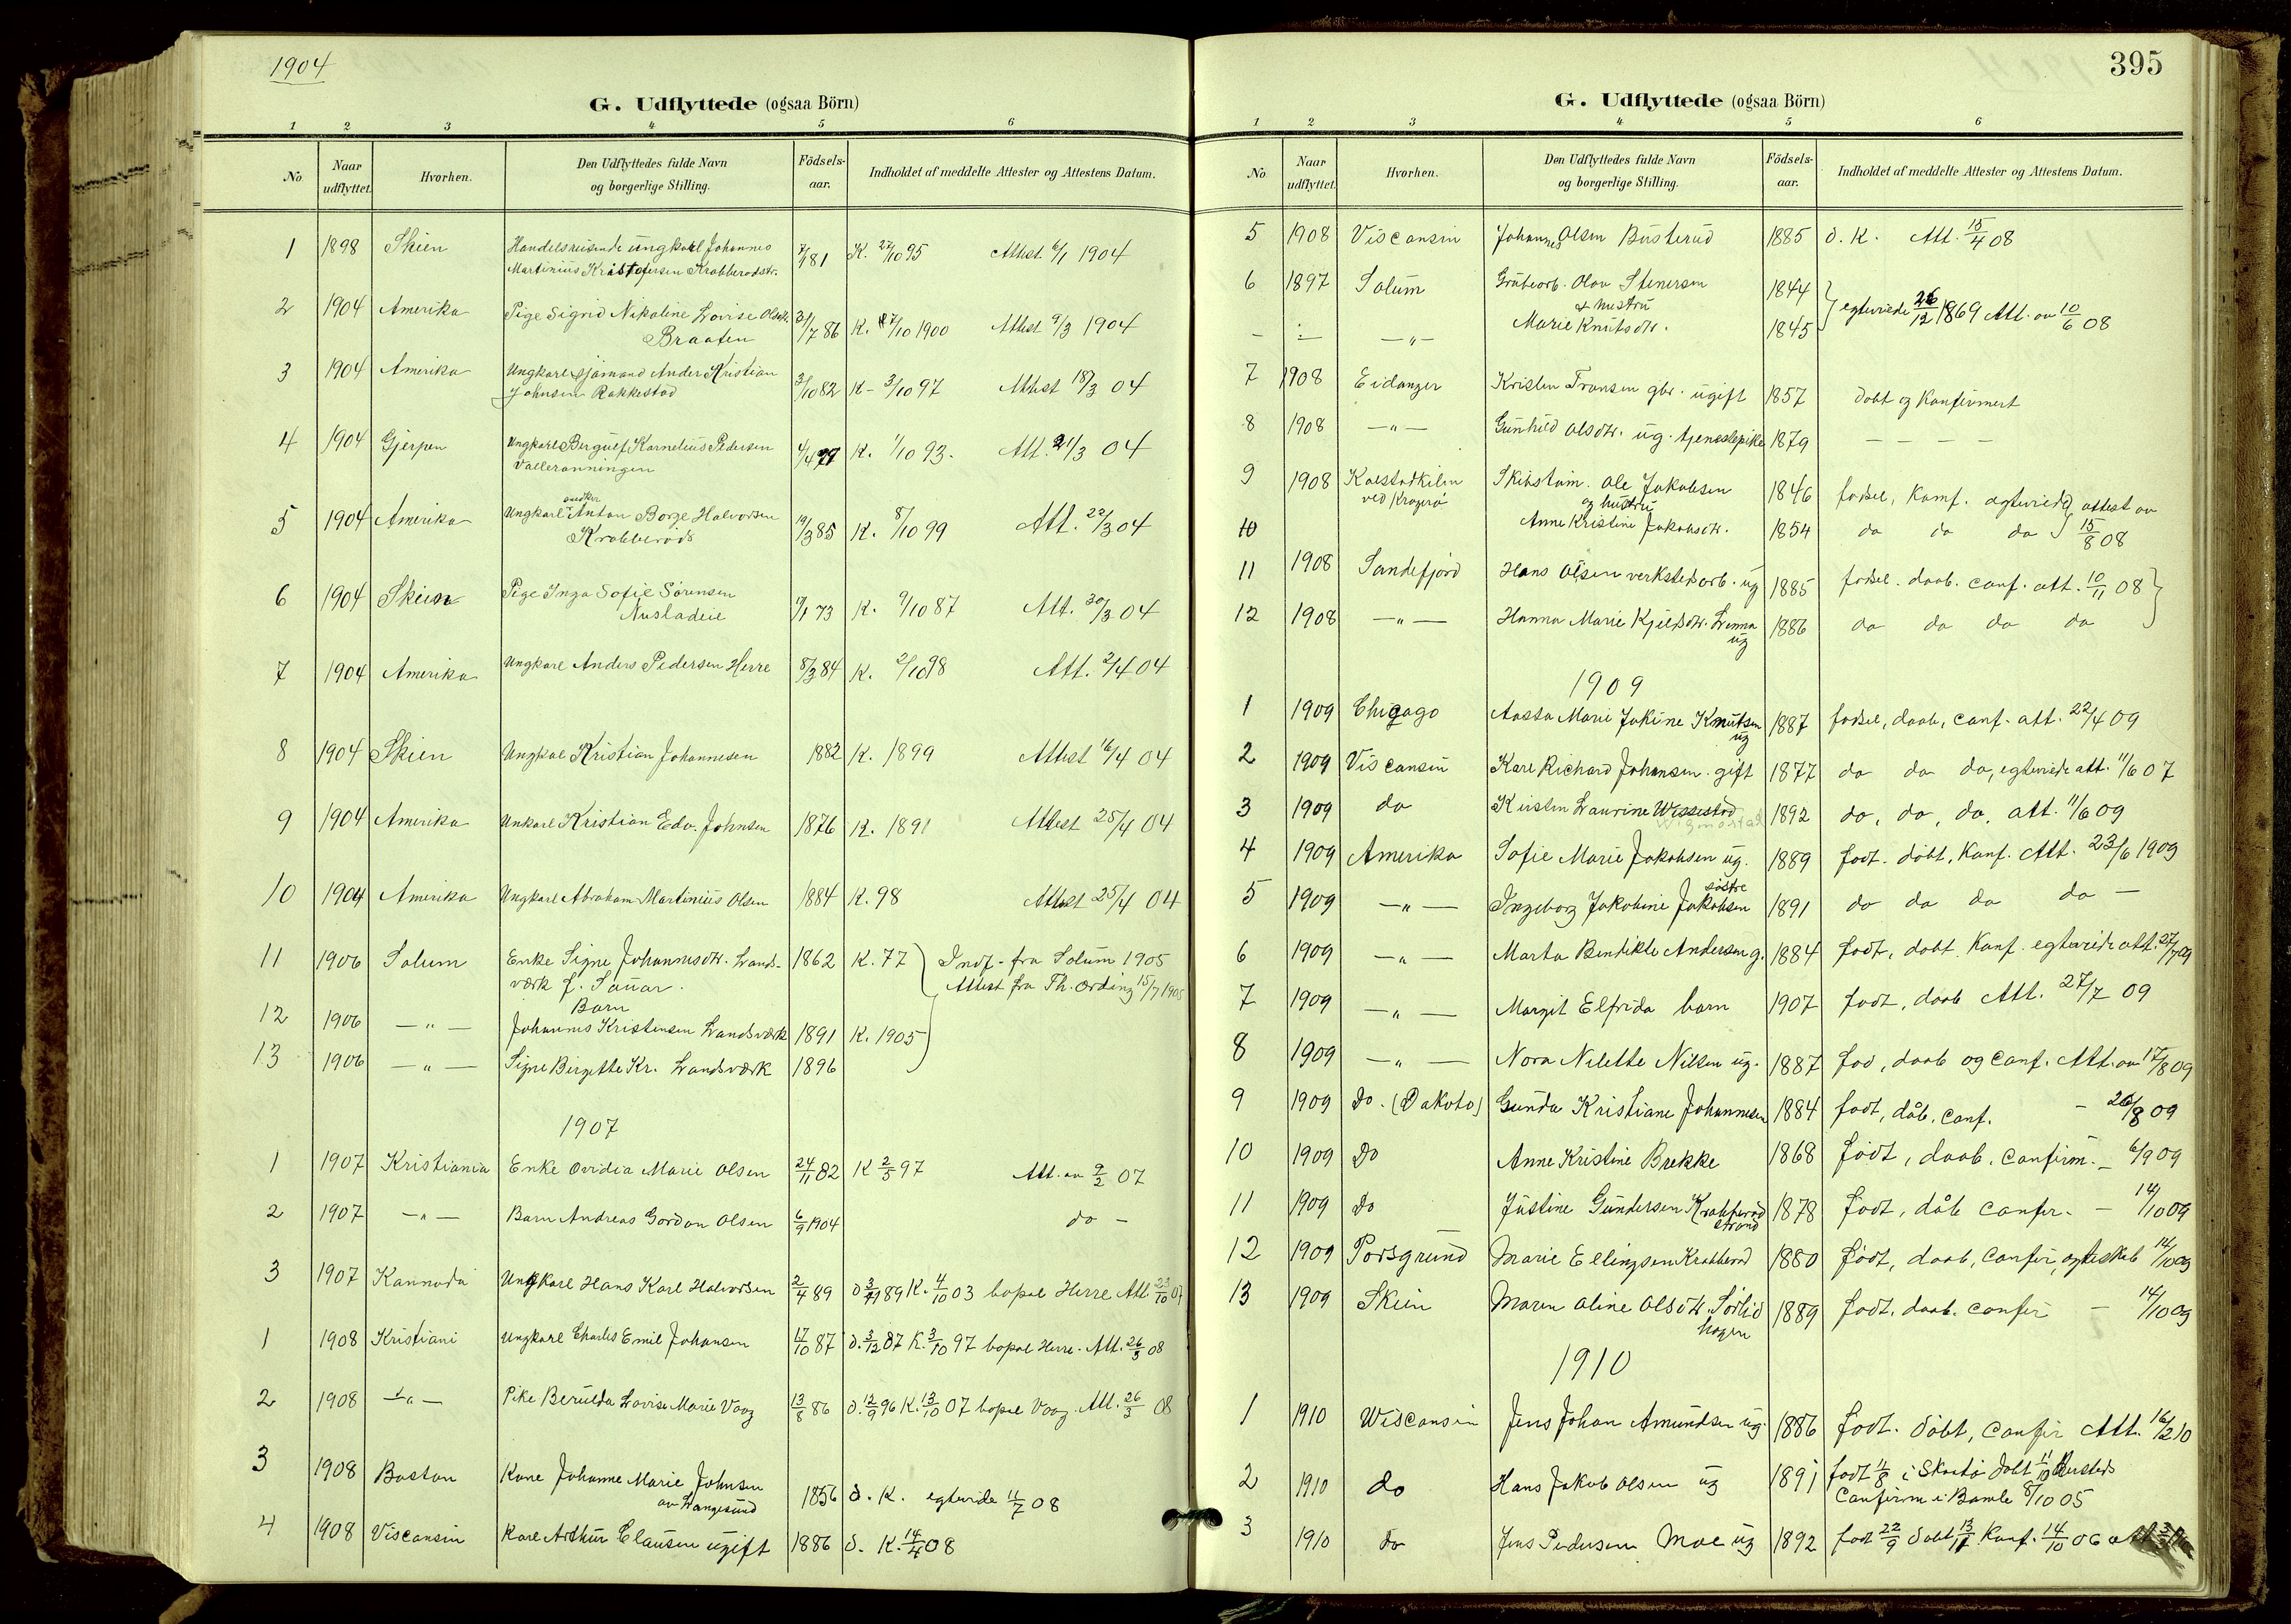 SAKO, Bamble kirkebøker, G/Ga/L0010: Klokkerbok nr. I 10, 1901-1919, s. 395